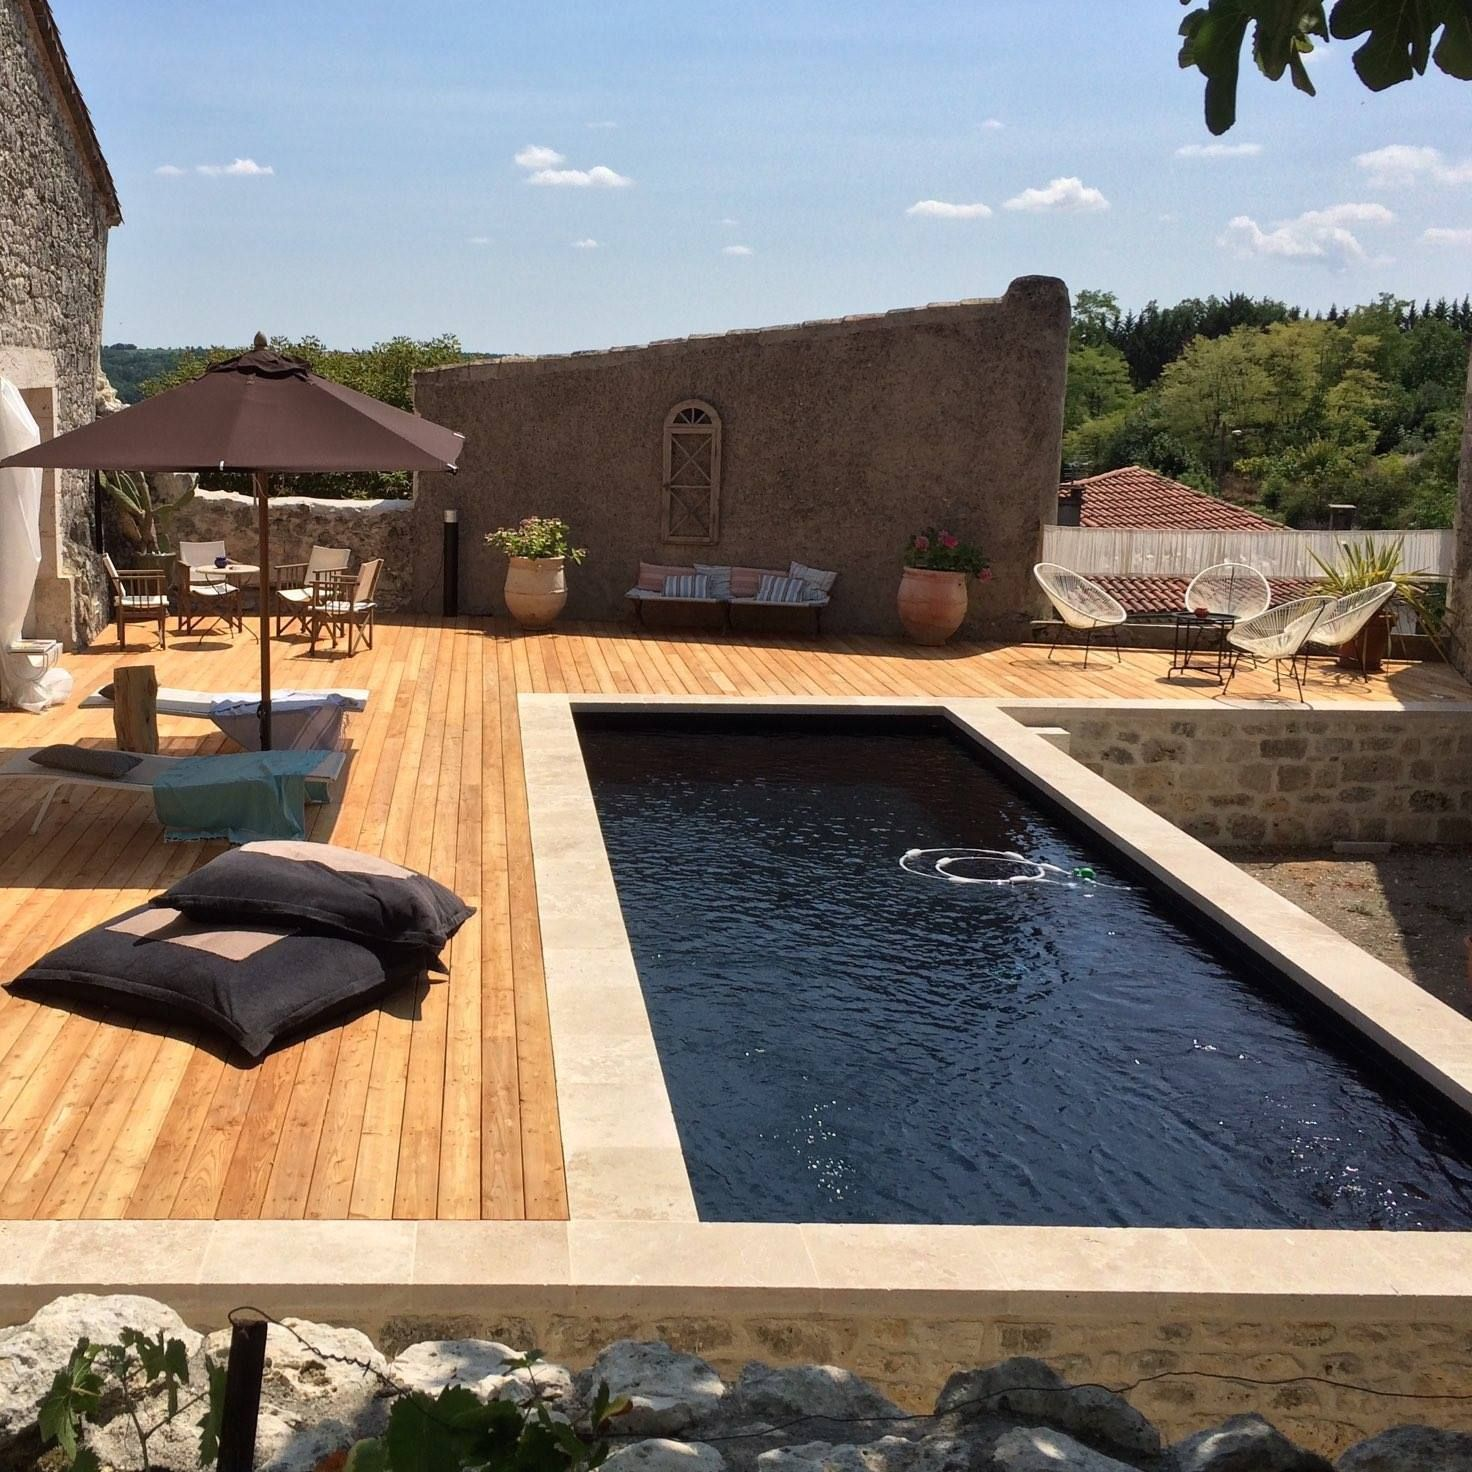 piscine liner noir | E X T E R I E U R S en 2019 | Patio design ...